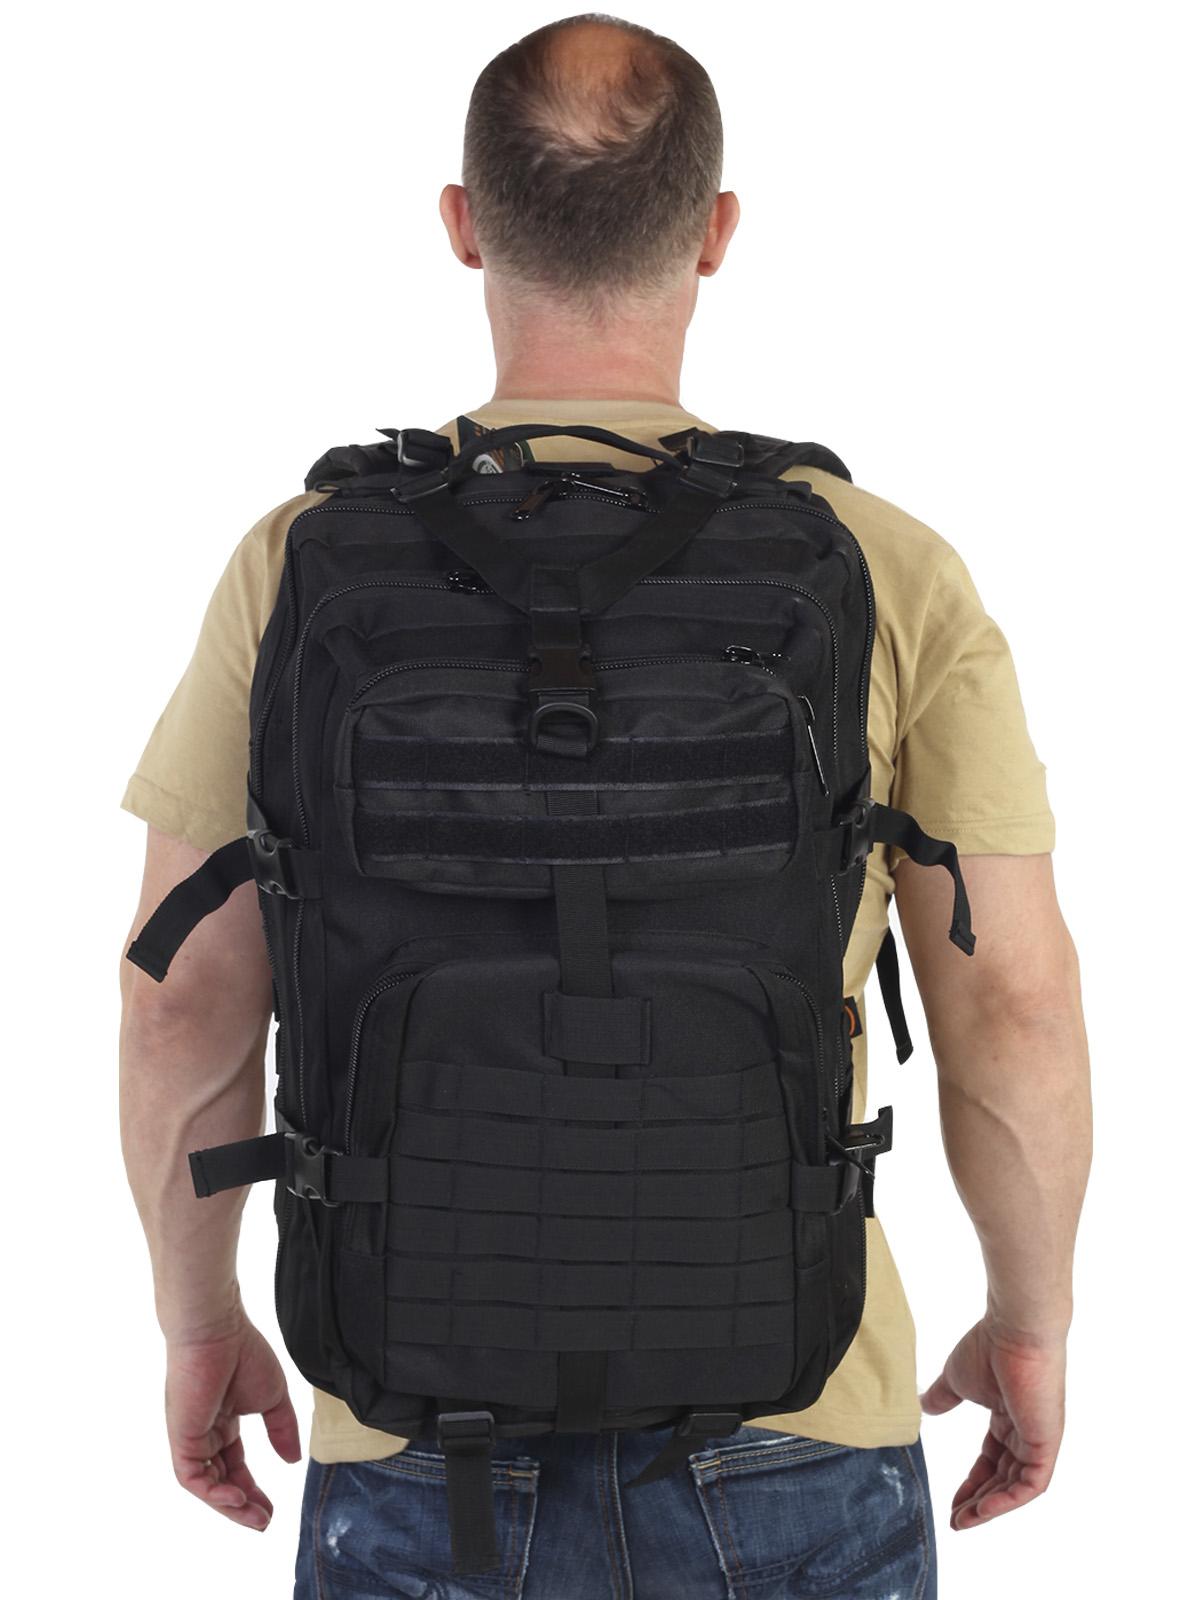 Лёгкий рюкзак для походов (40 л)